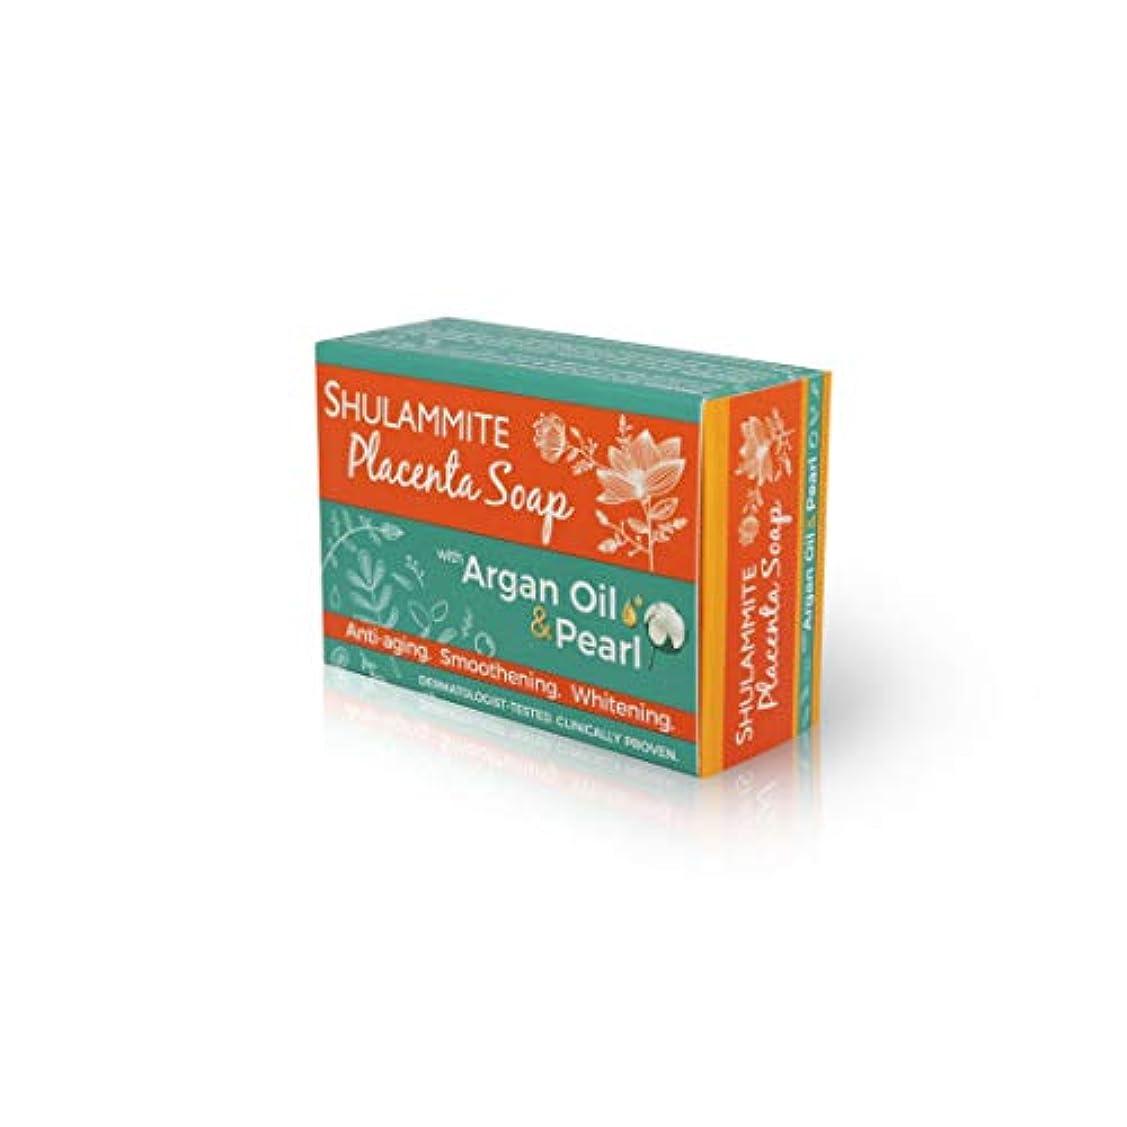 フラスコモールサッカーSHULAMMITE Placenta Soap with Argan Oil & Pearl/アルガンオイル&パール配合ソープ150g